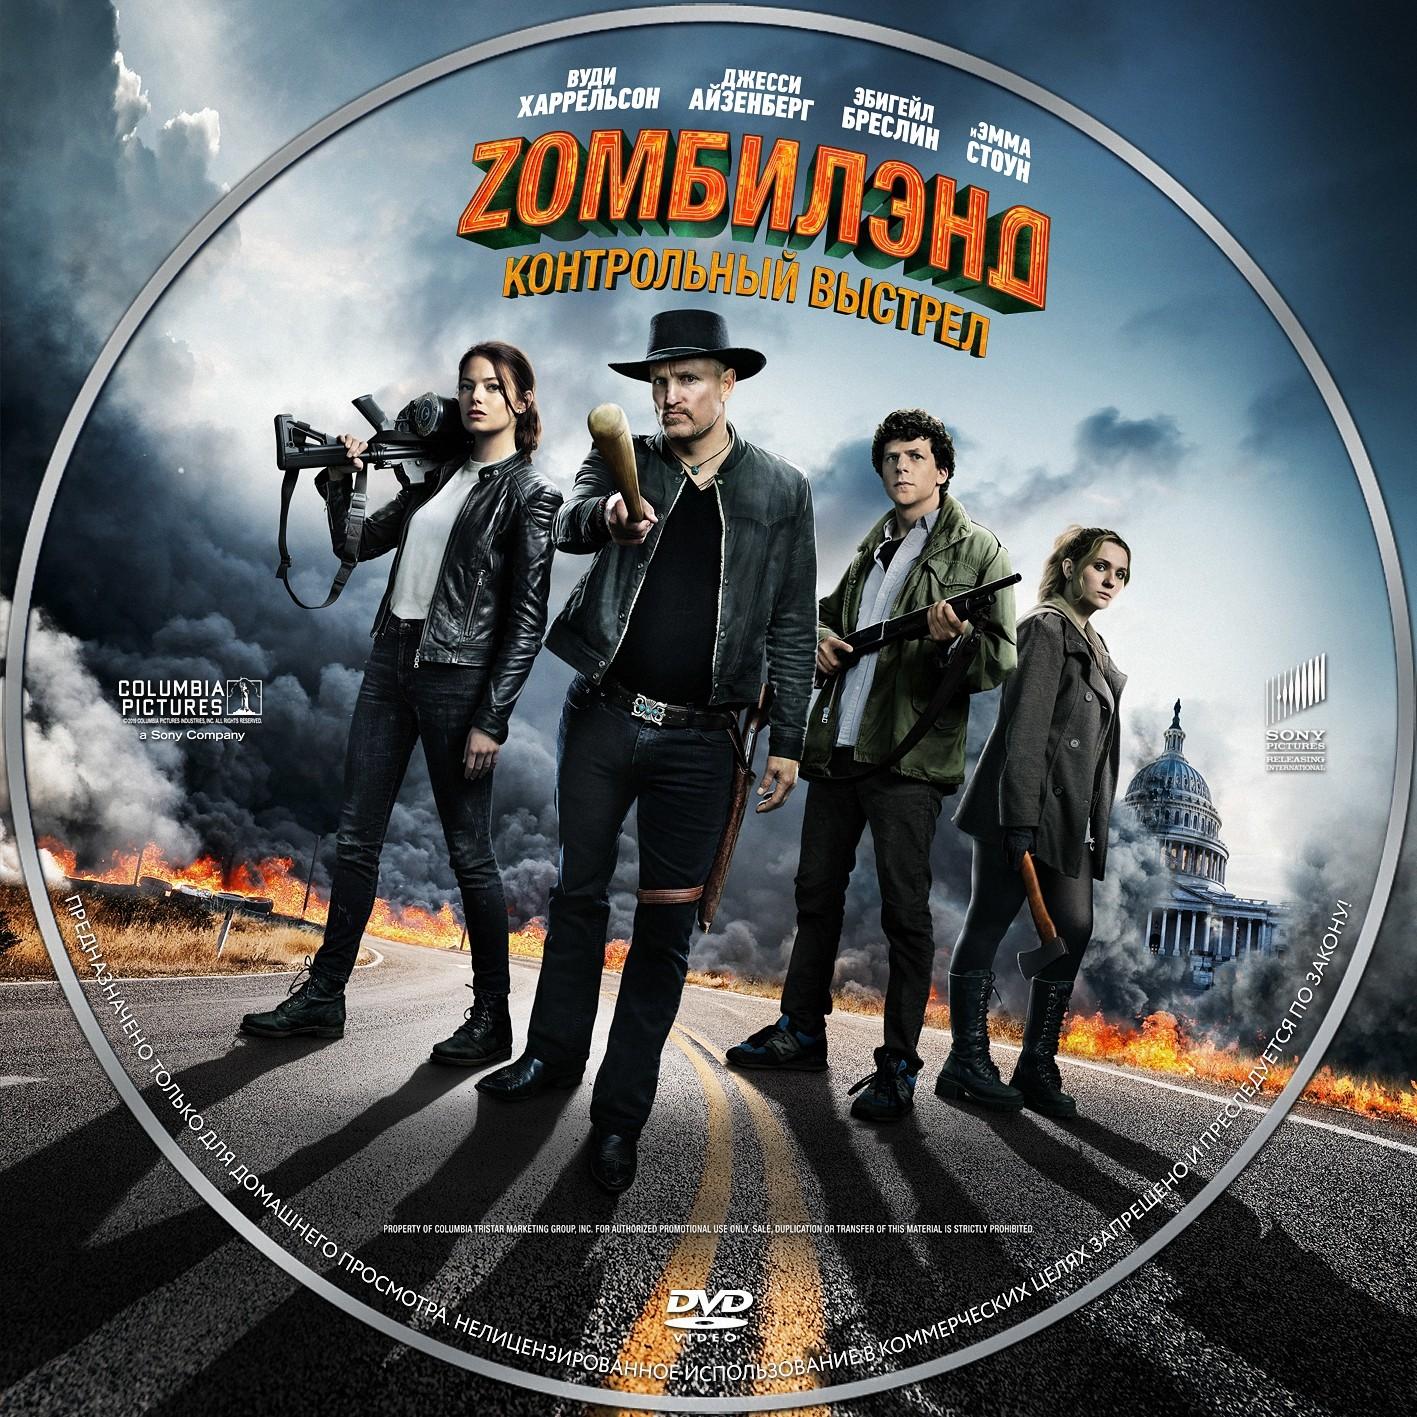 Уничтожители зомби и повторение первой части. Почему в Зомбилэнд контрольный выстрел так мало нового?